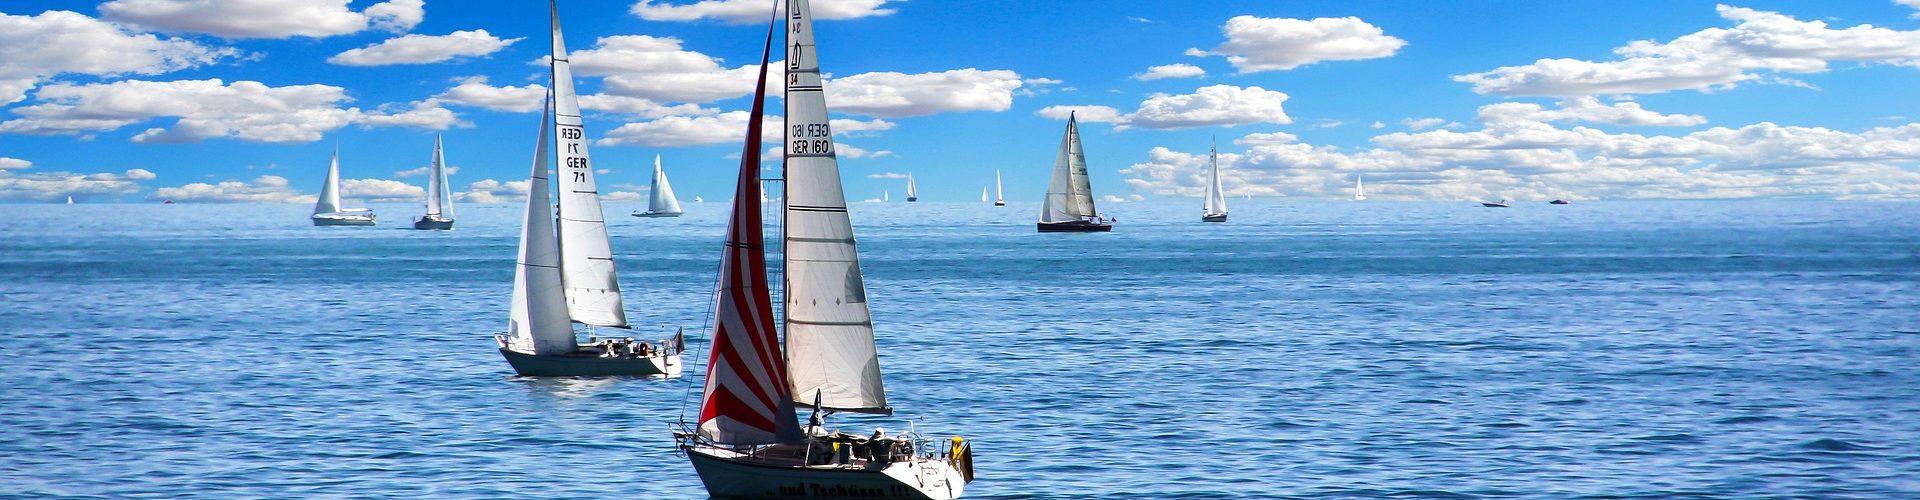 segeln lernen in Wörth am Main segelschein machen in Wörth am Main 1920x500 - Segeln lernen in Wörth am Main